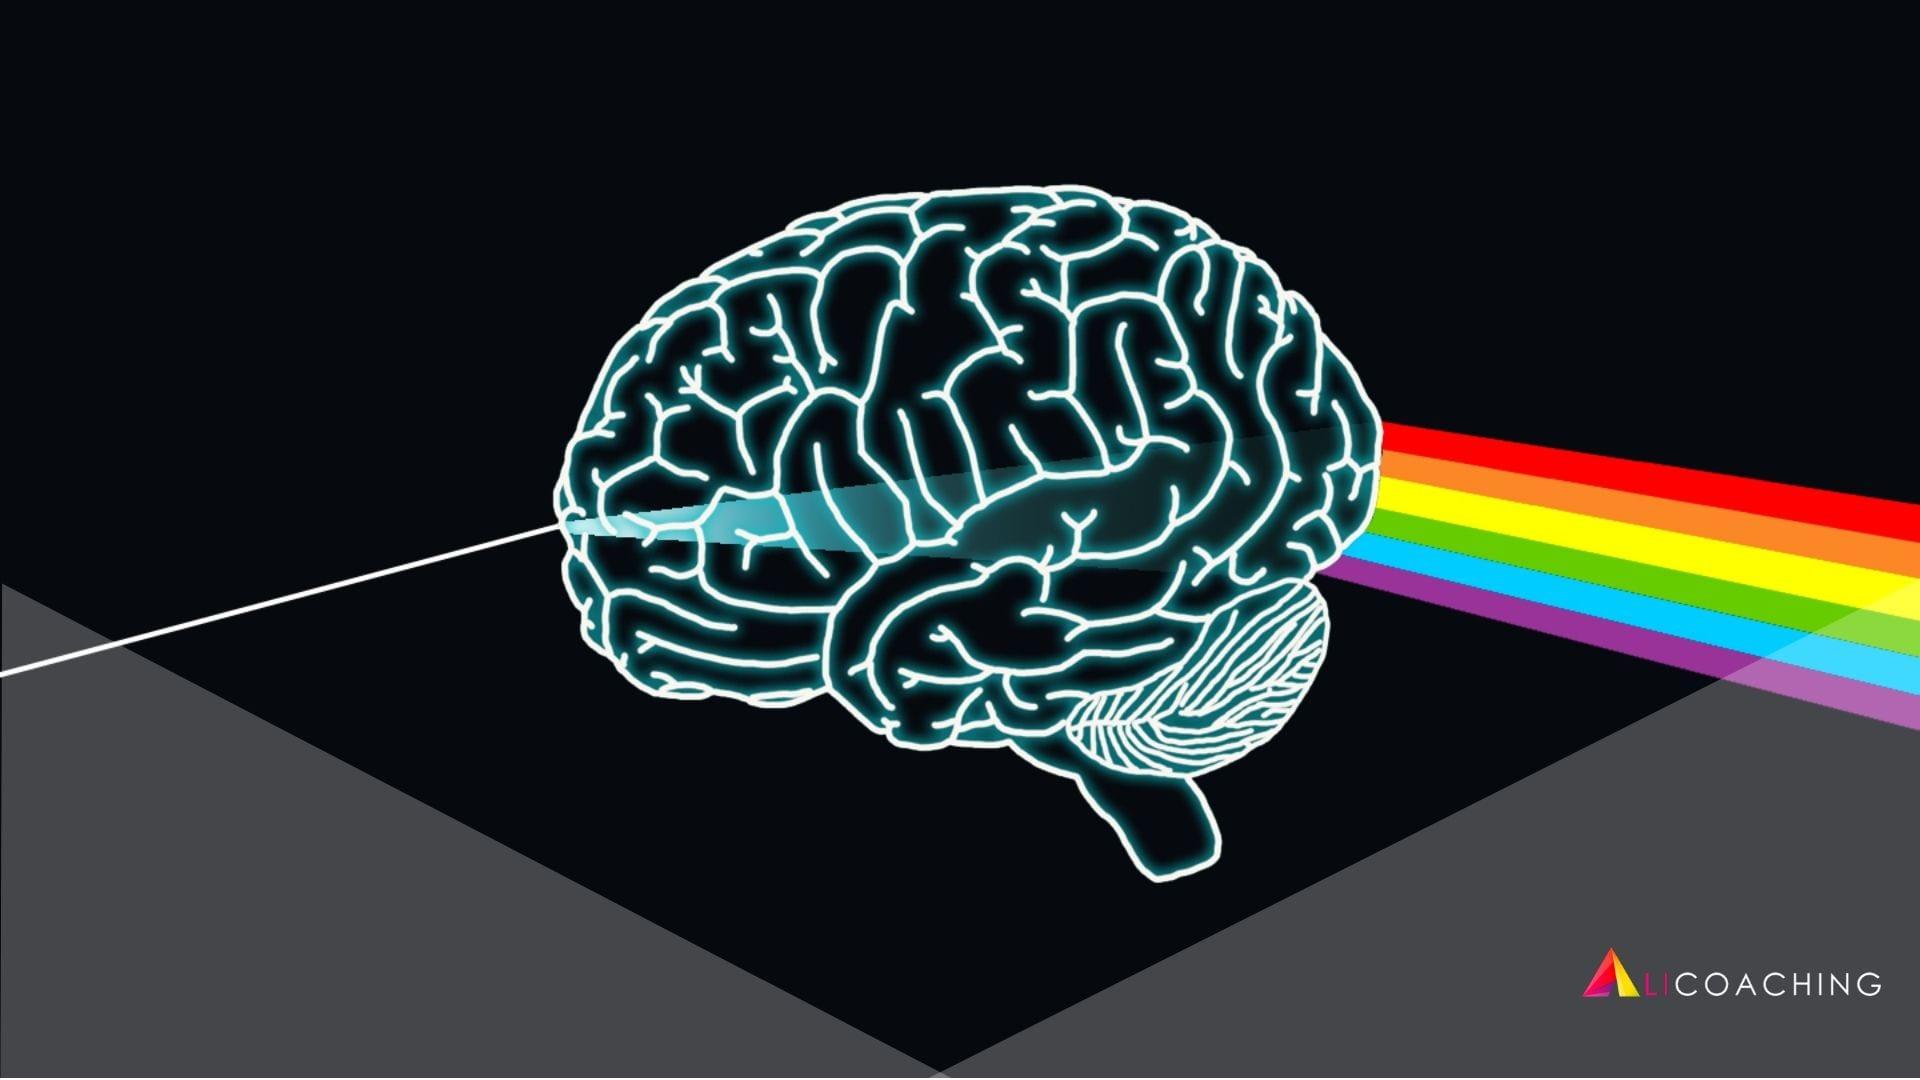 3 strategie per gestire 3 emozioni. Fai diventare vincente la tua mente!